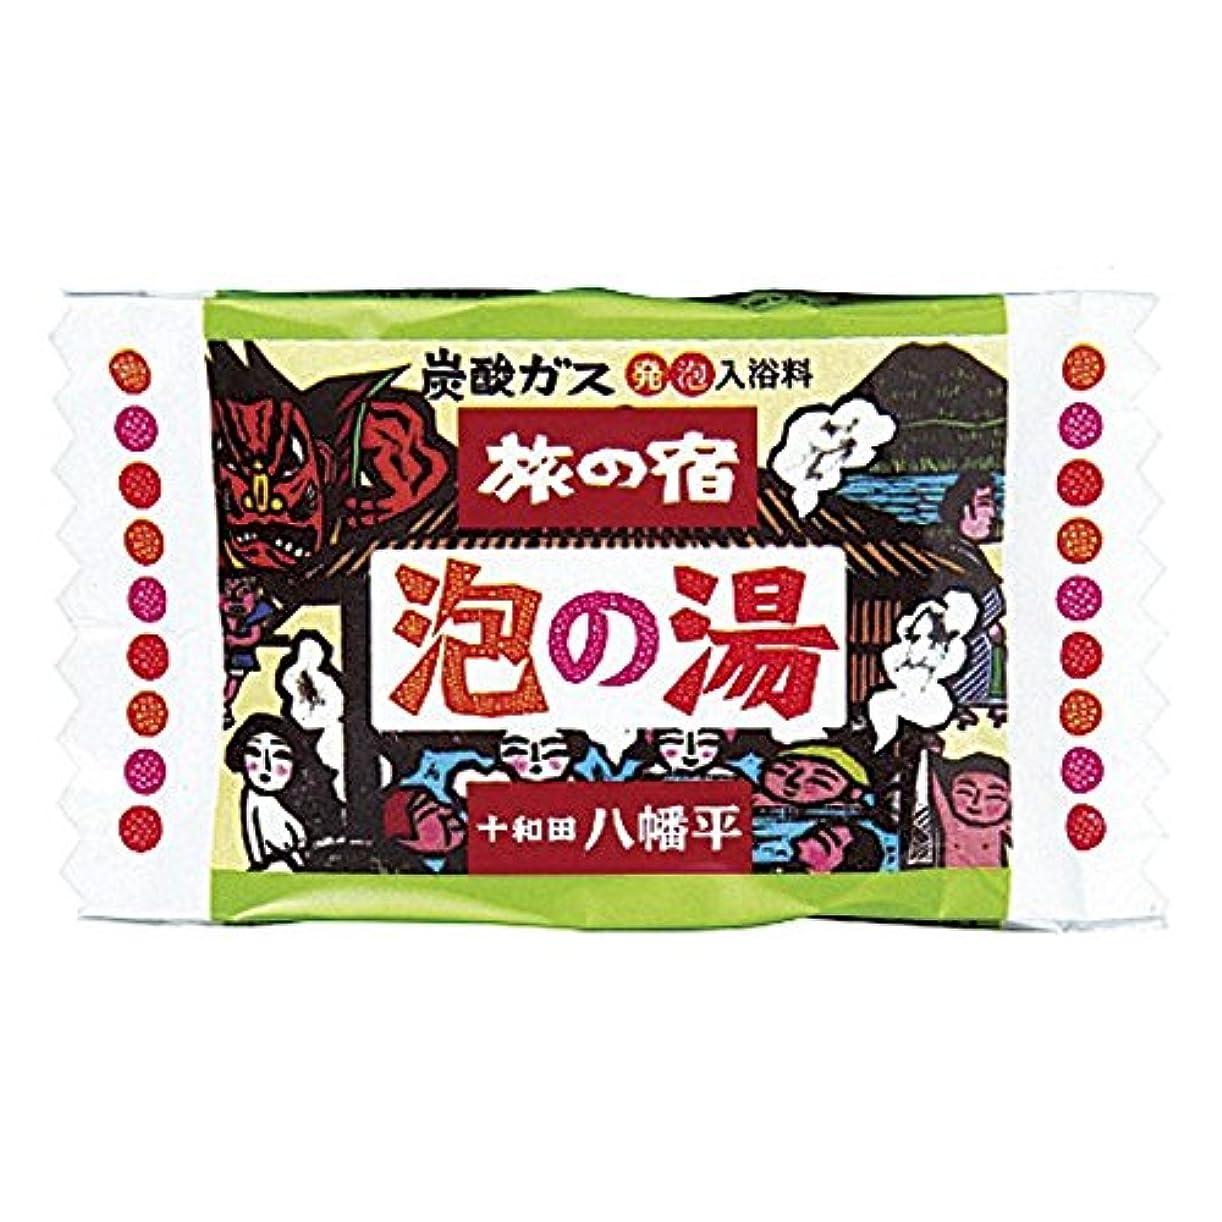 悪夢威するびんクラシエ 旅の宿 (泡)1P 十和田八幡平 82439 (B529-05)